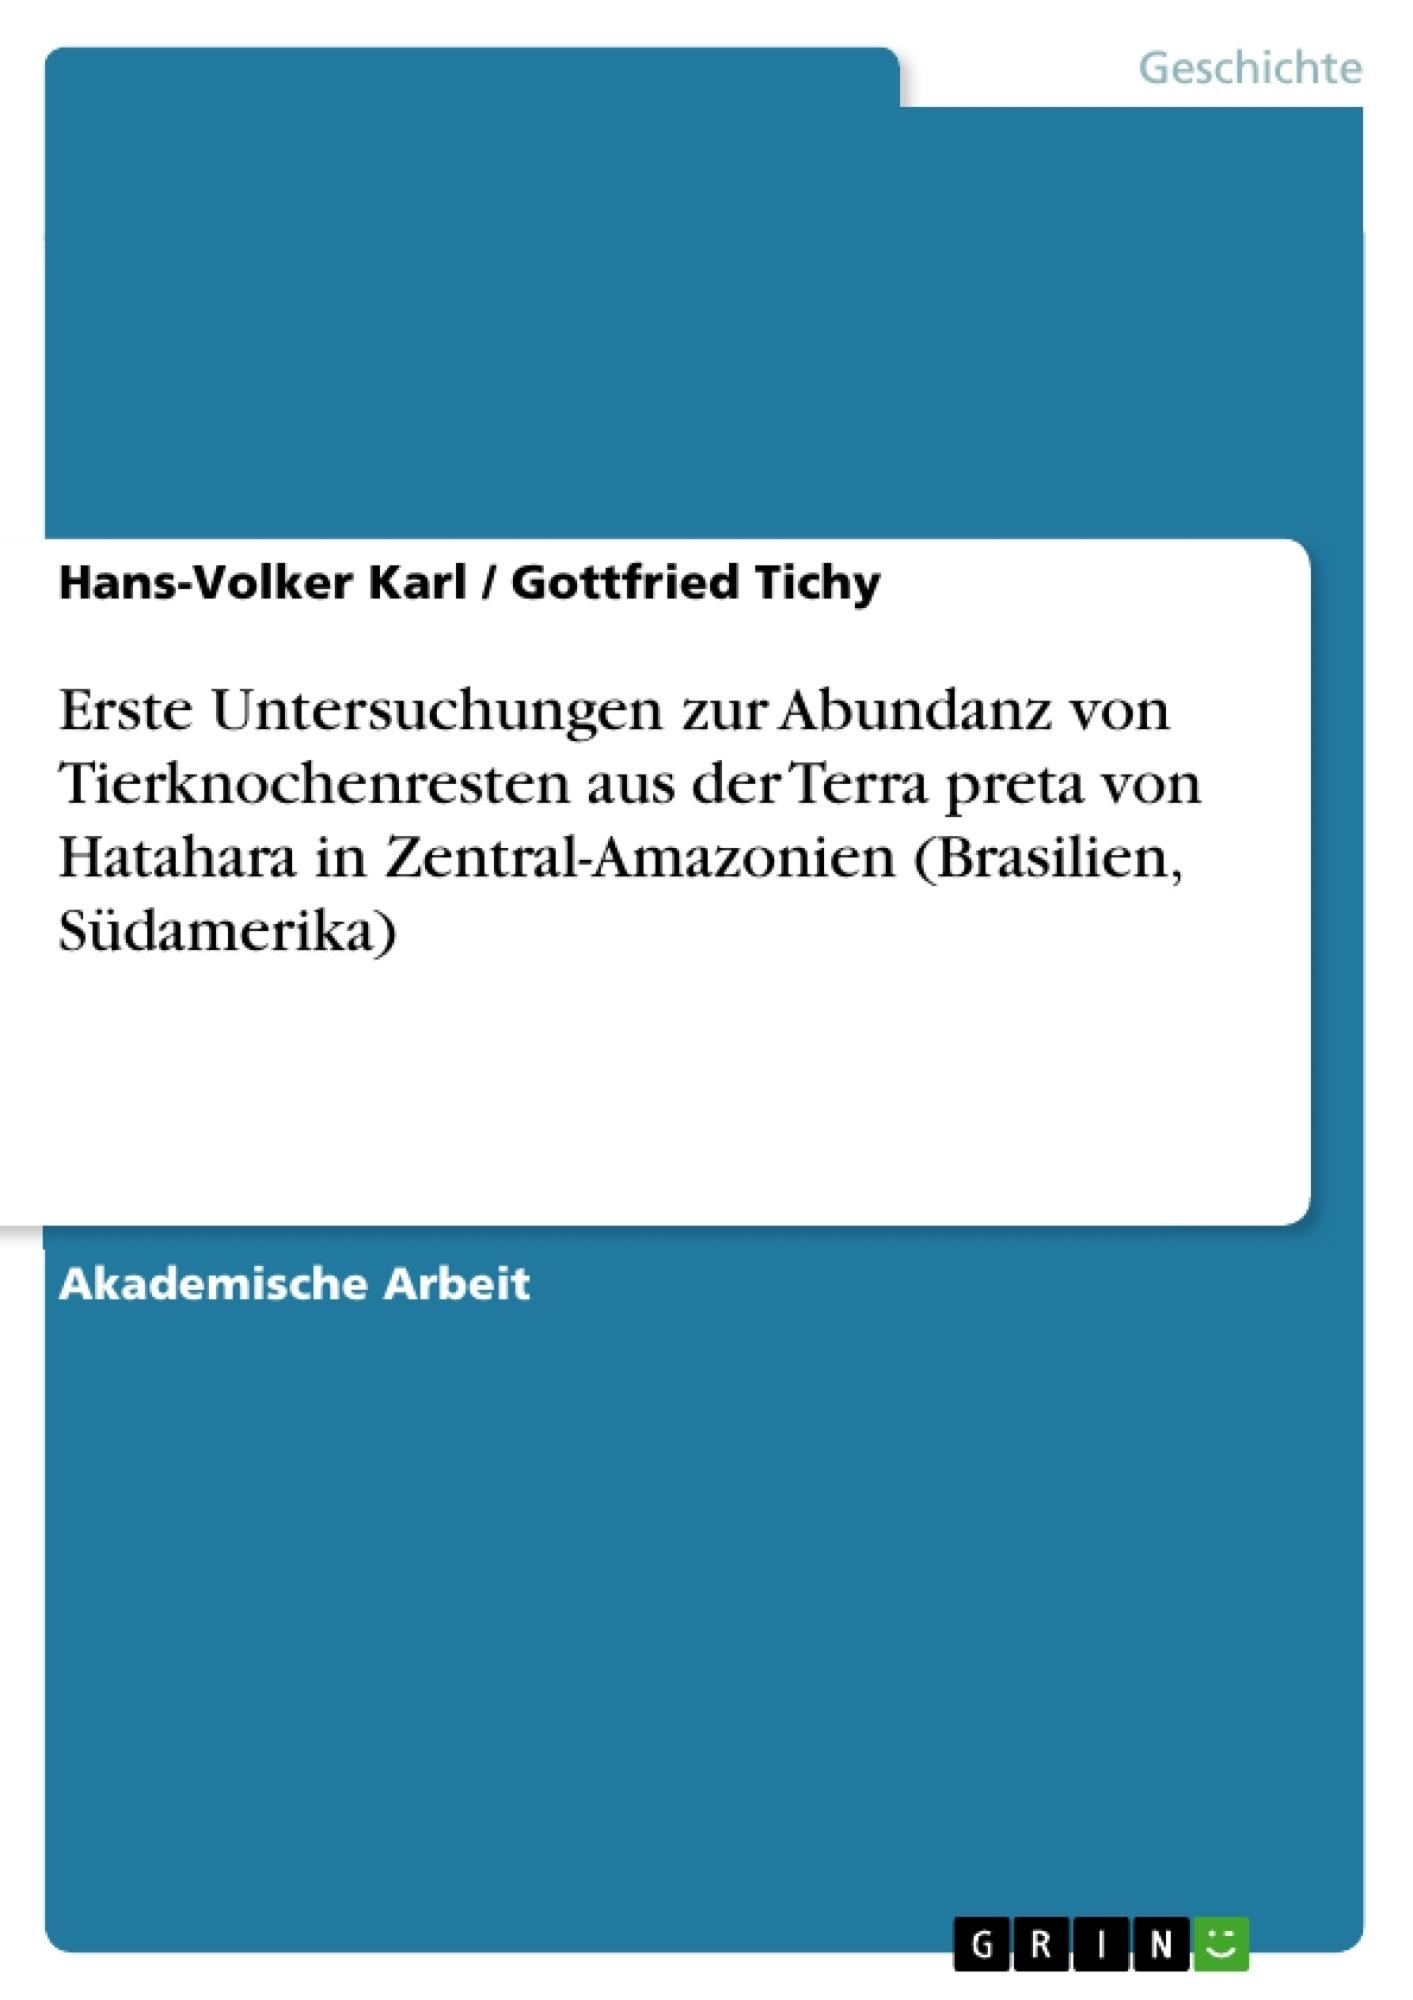 Titel: Erste Untersuchungen zur Abundanz von Tierknochenresten aus der Terra preta von Hatahara in Zentral-Amazonien (Brasilien, Südamerika)